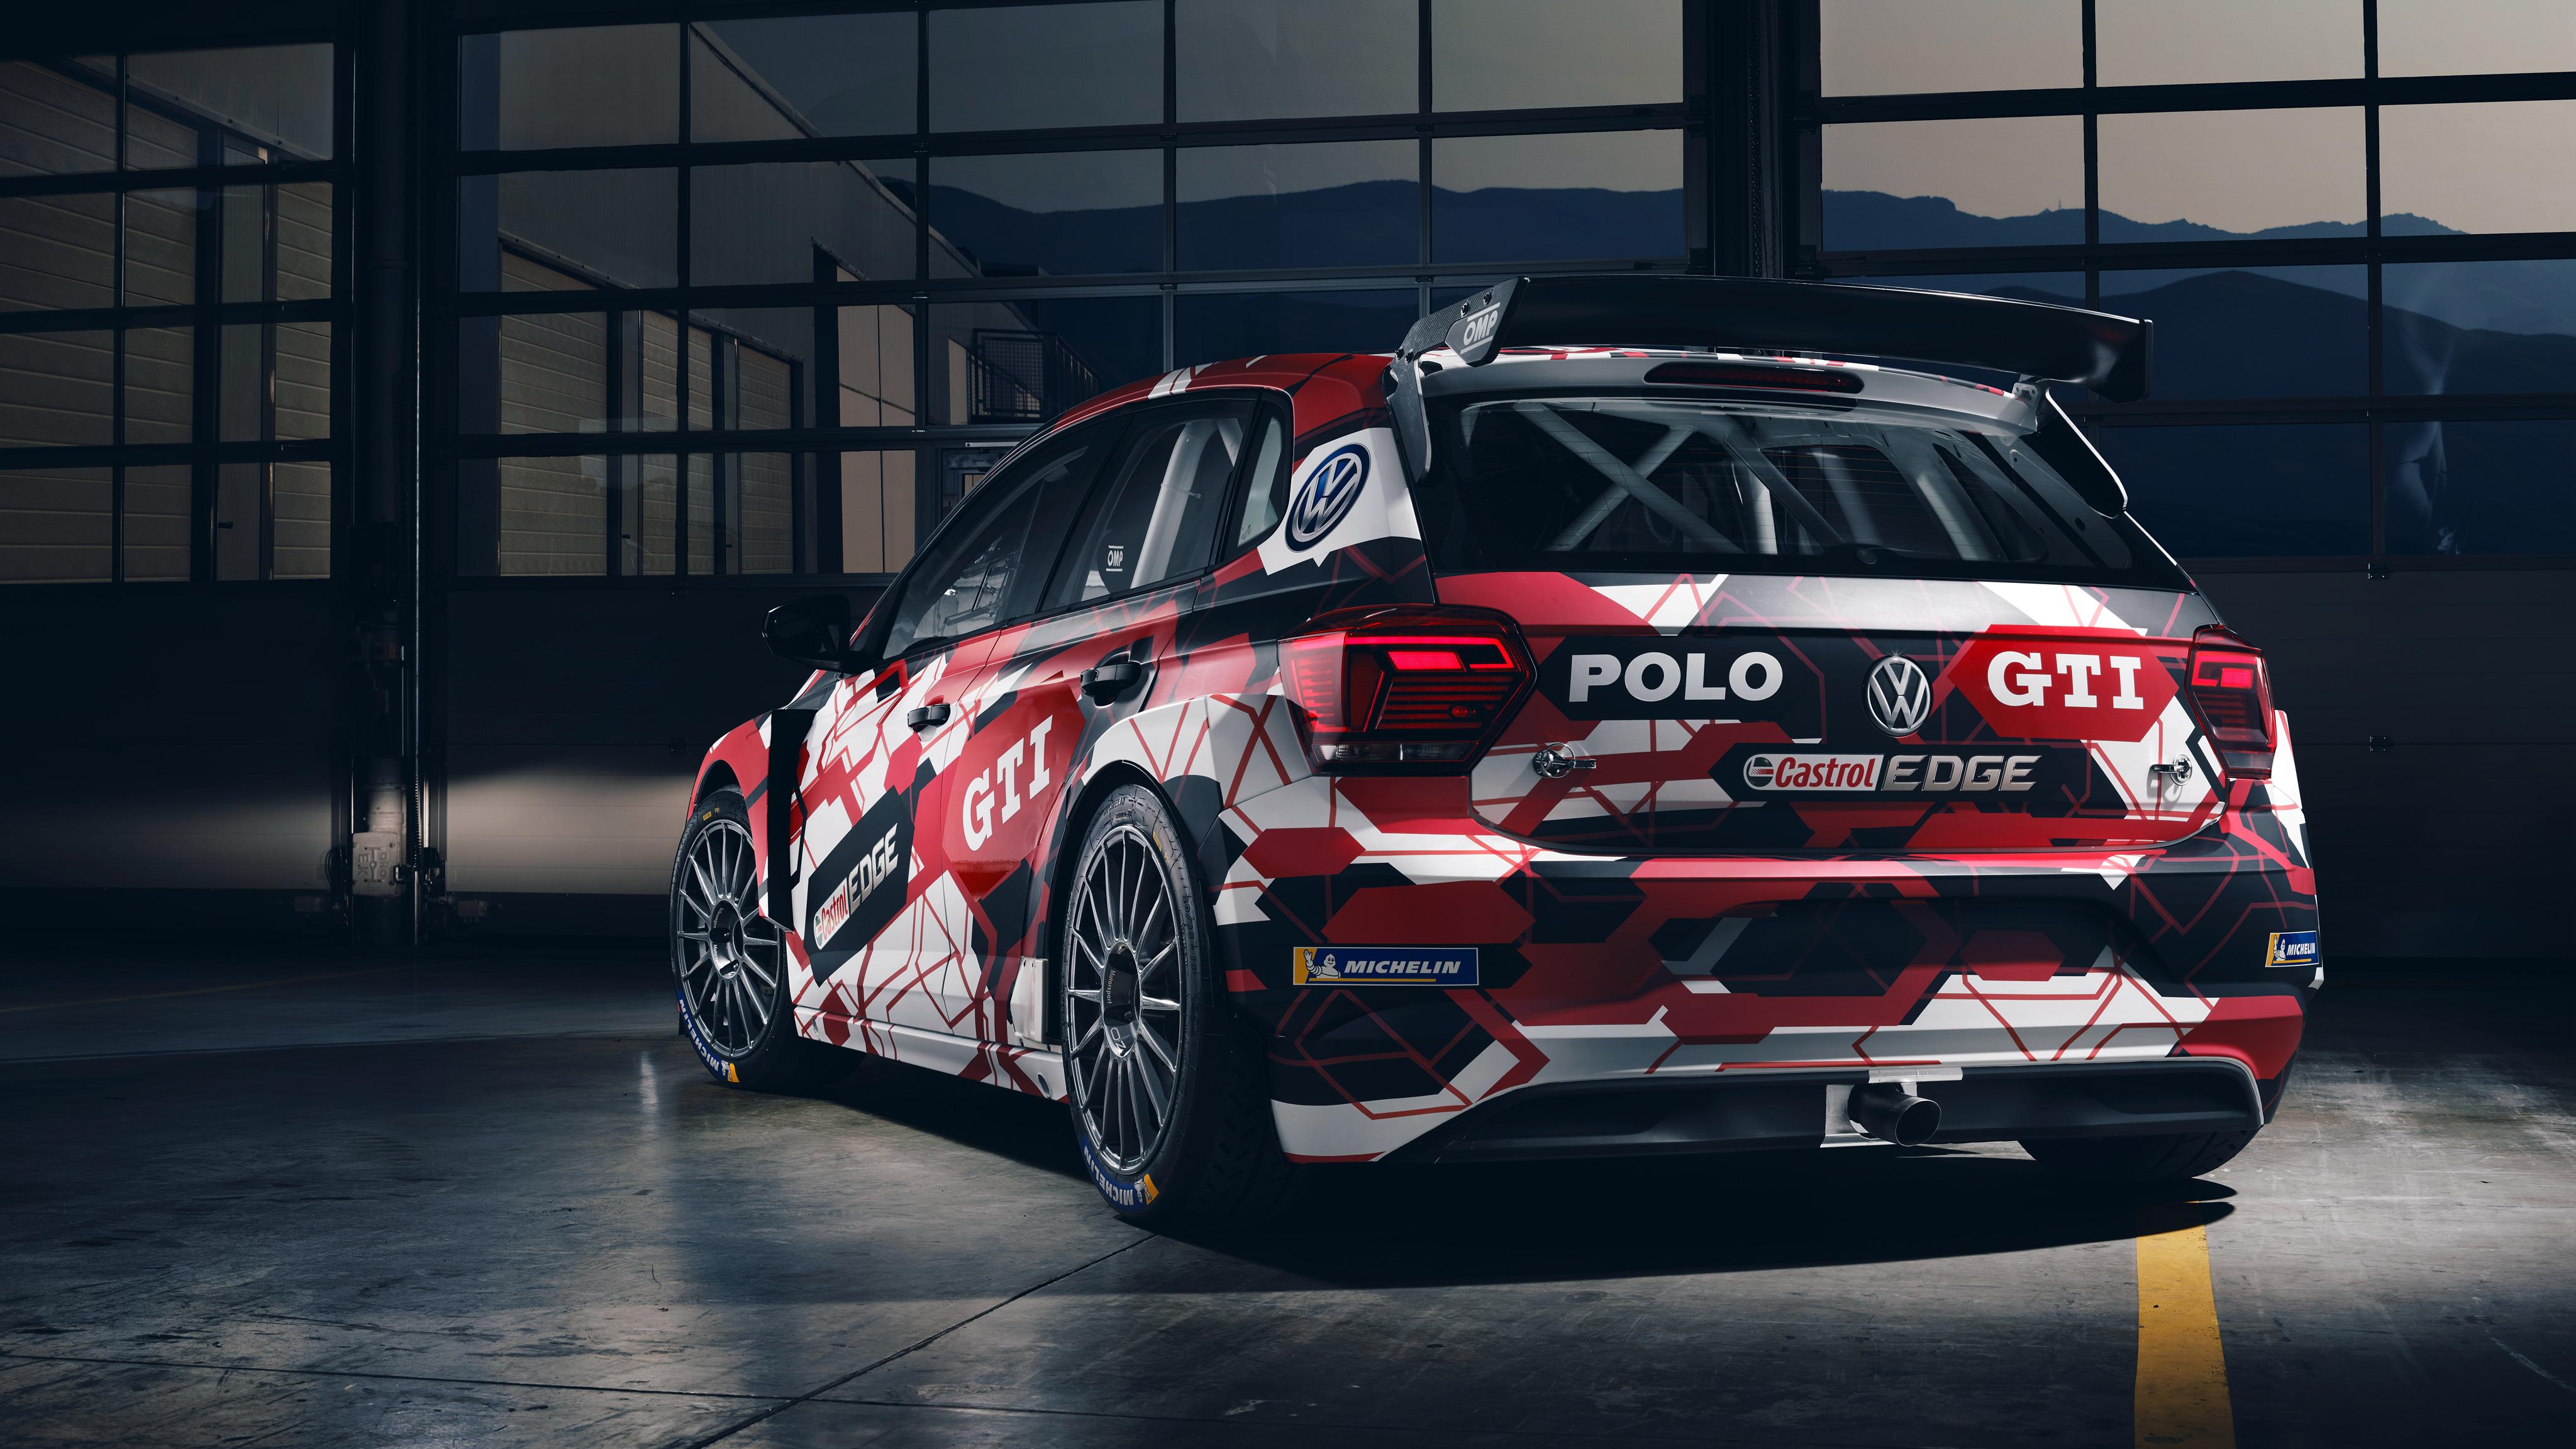 Volkswagen Polo Gti R5 4k 2 Wallpaper Hd Car Wallpapers Id 11314